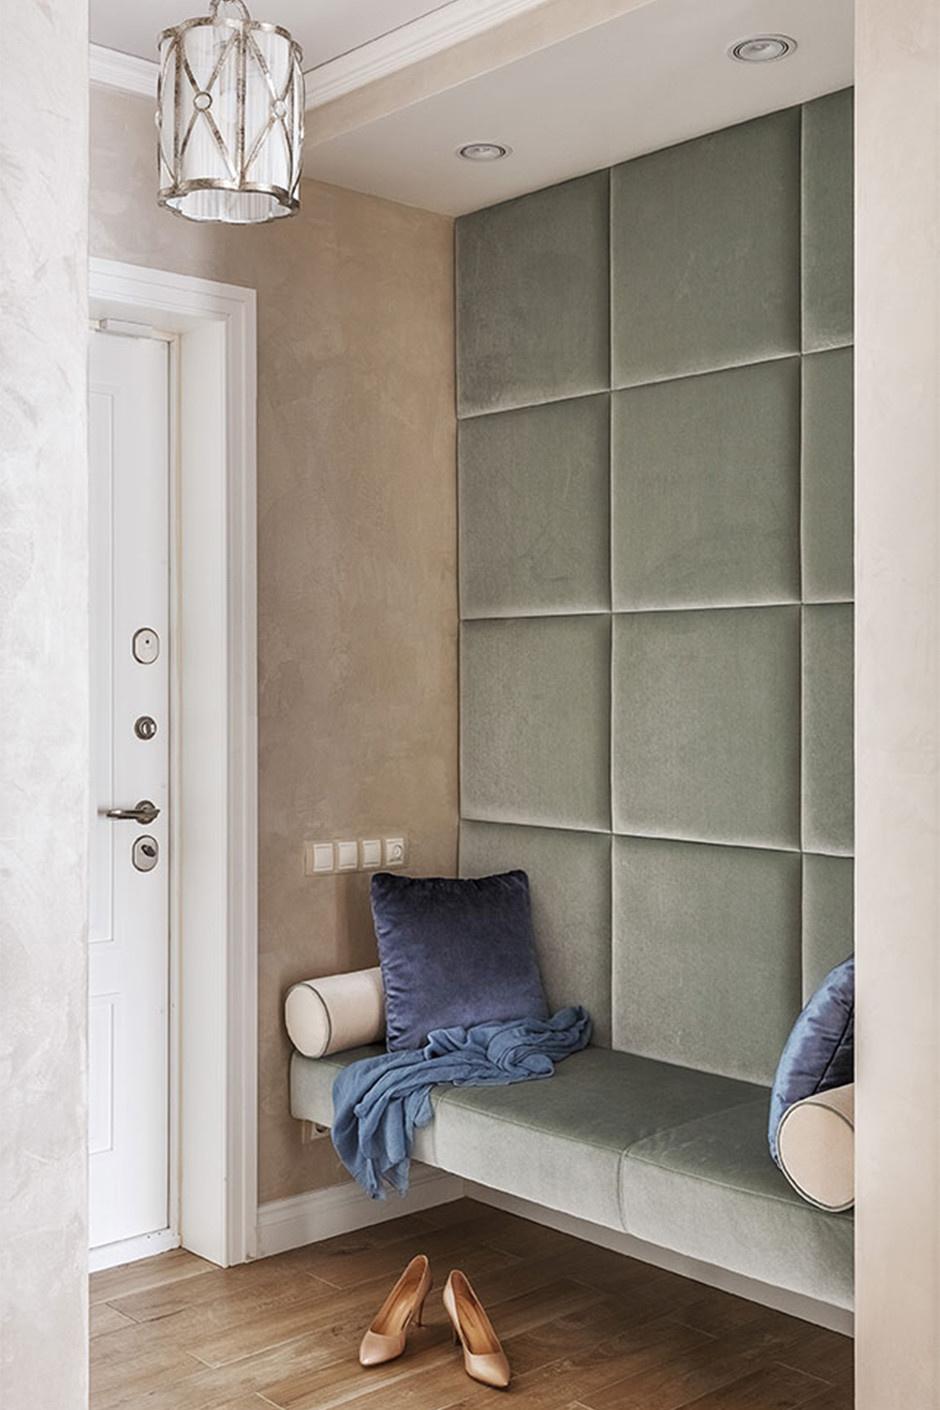 Стеновые панели для коридора мягкие